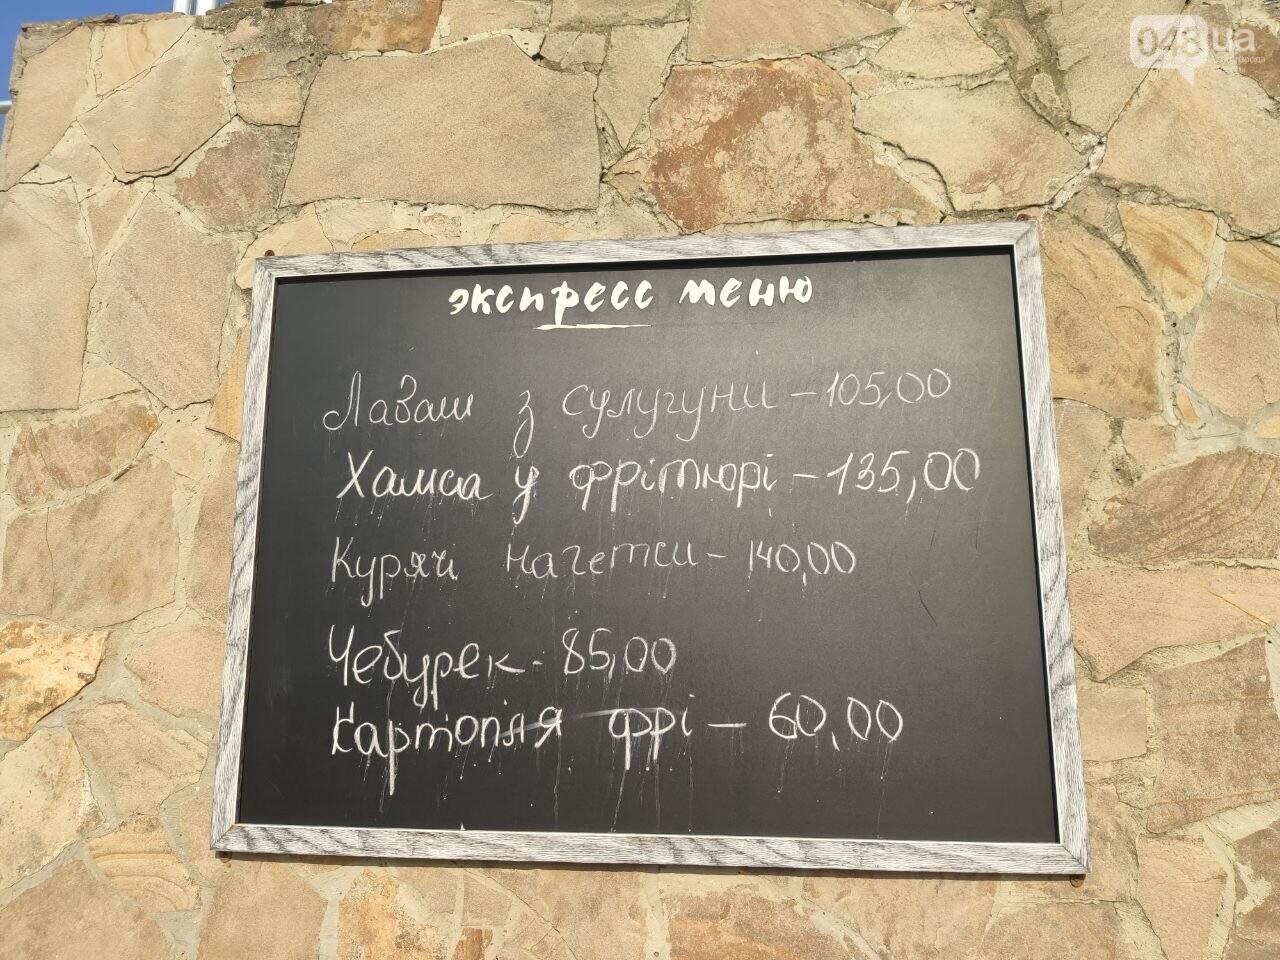 Пляж на Совиньоне под Одессой: что находится на закрытой территории и как туда попасть, - ФОТО, фото-10